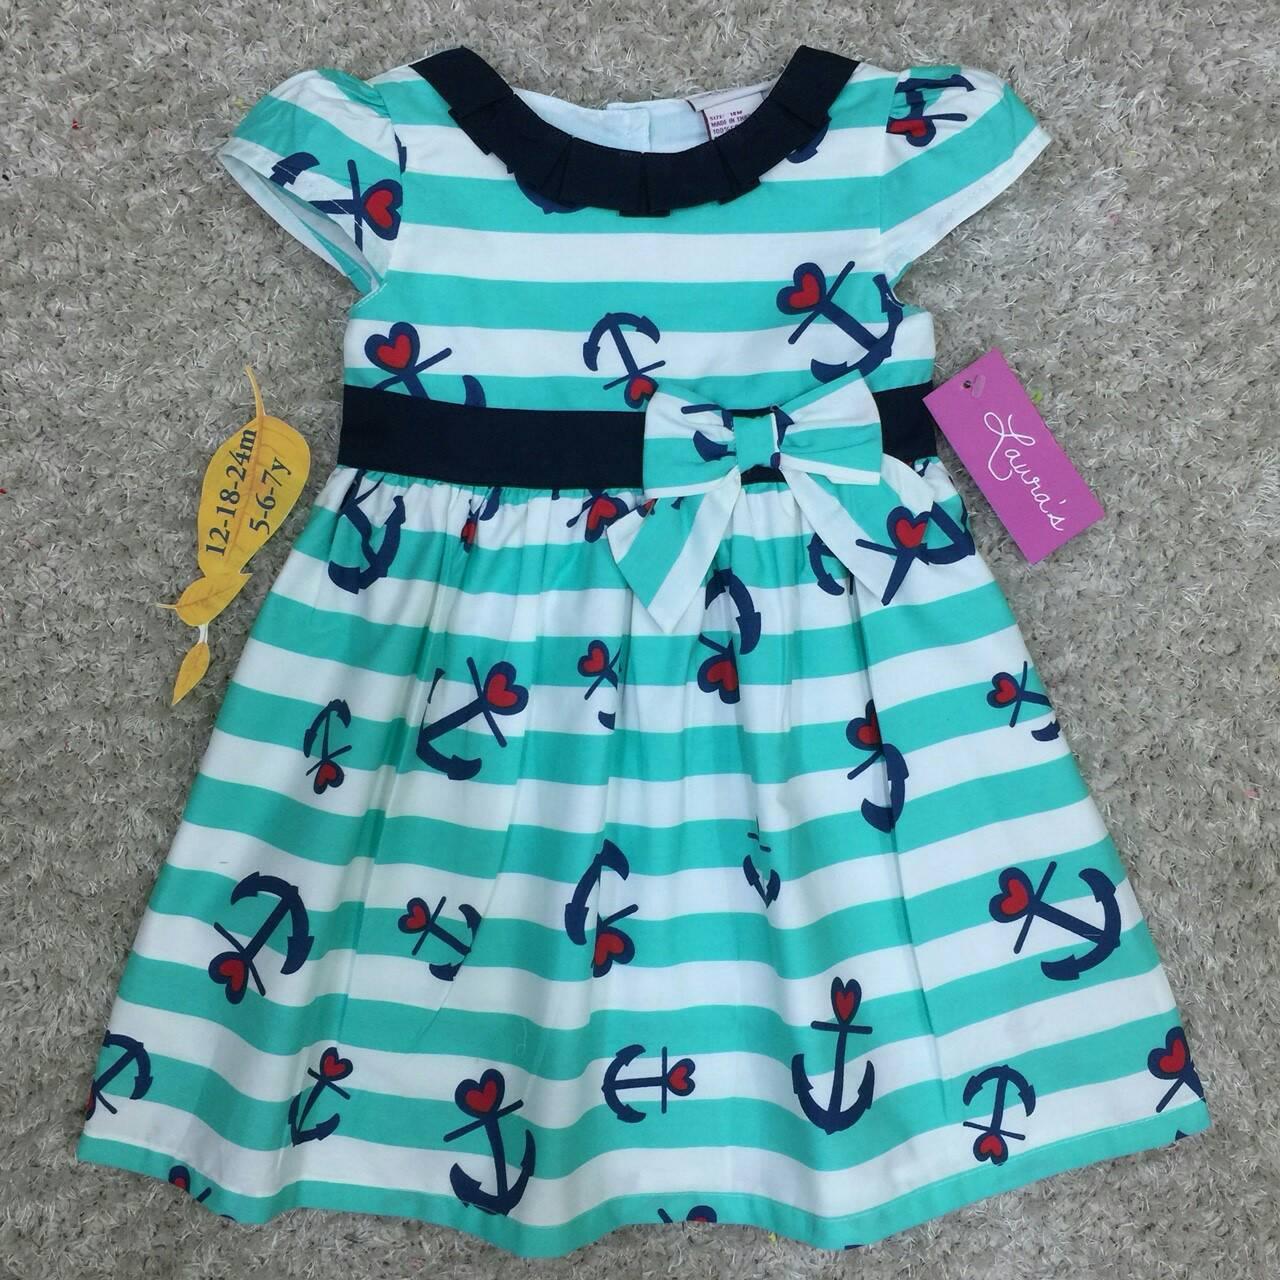 เสื้อผ้าเด็ก 5-7ปี size 5Y-6Y-7Y ลายสมอ สีเขียวมิ้นต์